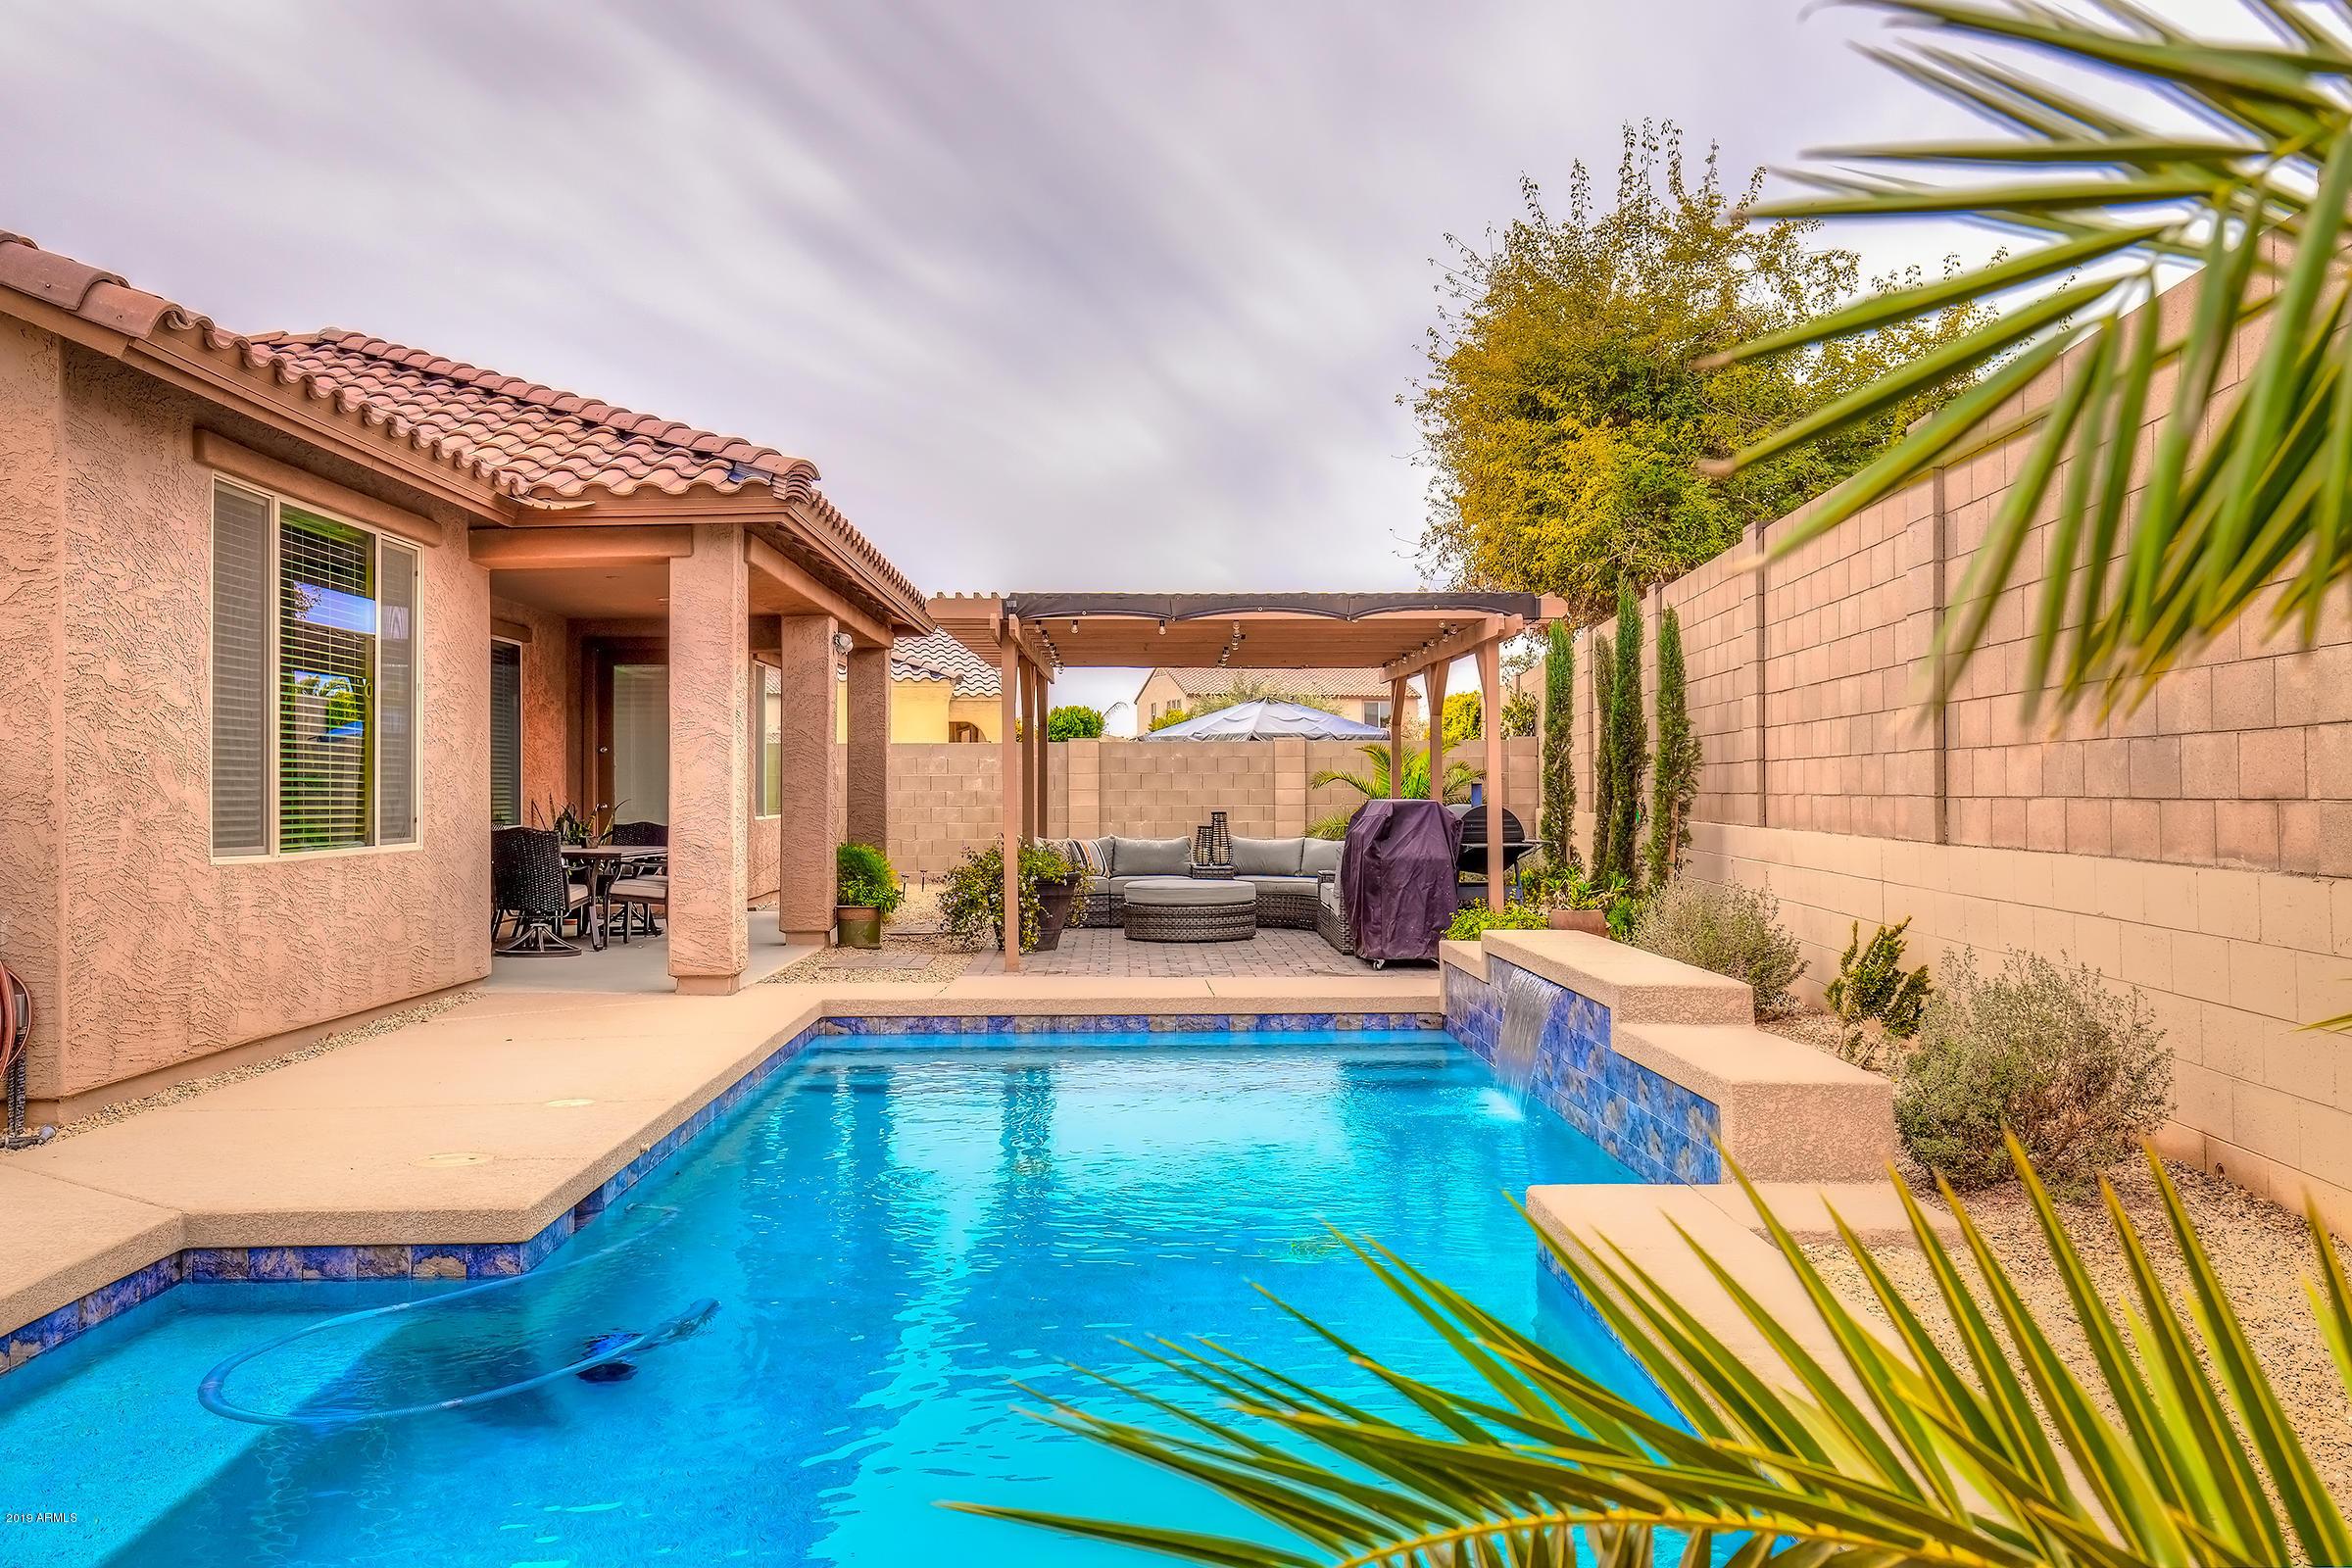 Photo of 4438 N 155TH Lane, Goodyear, AZ 85395